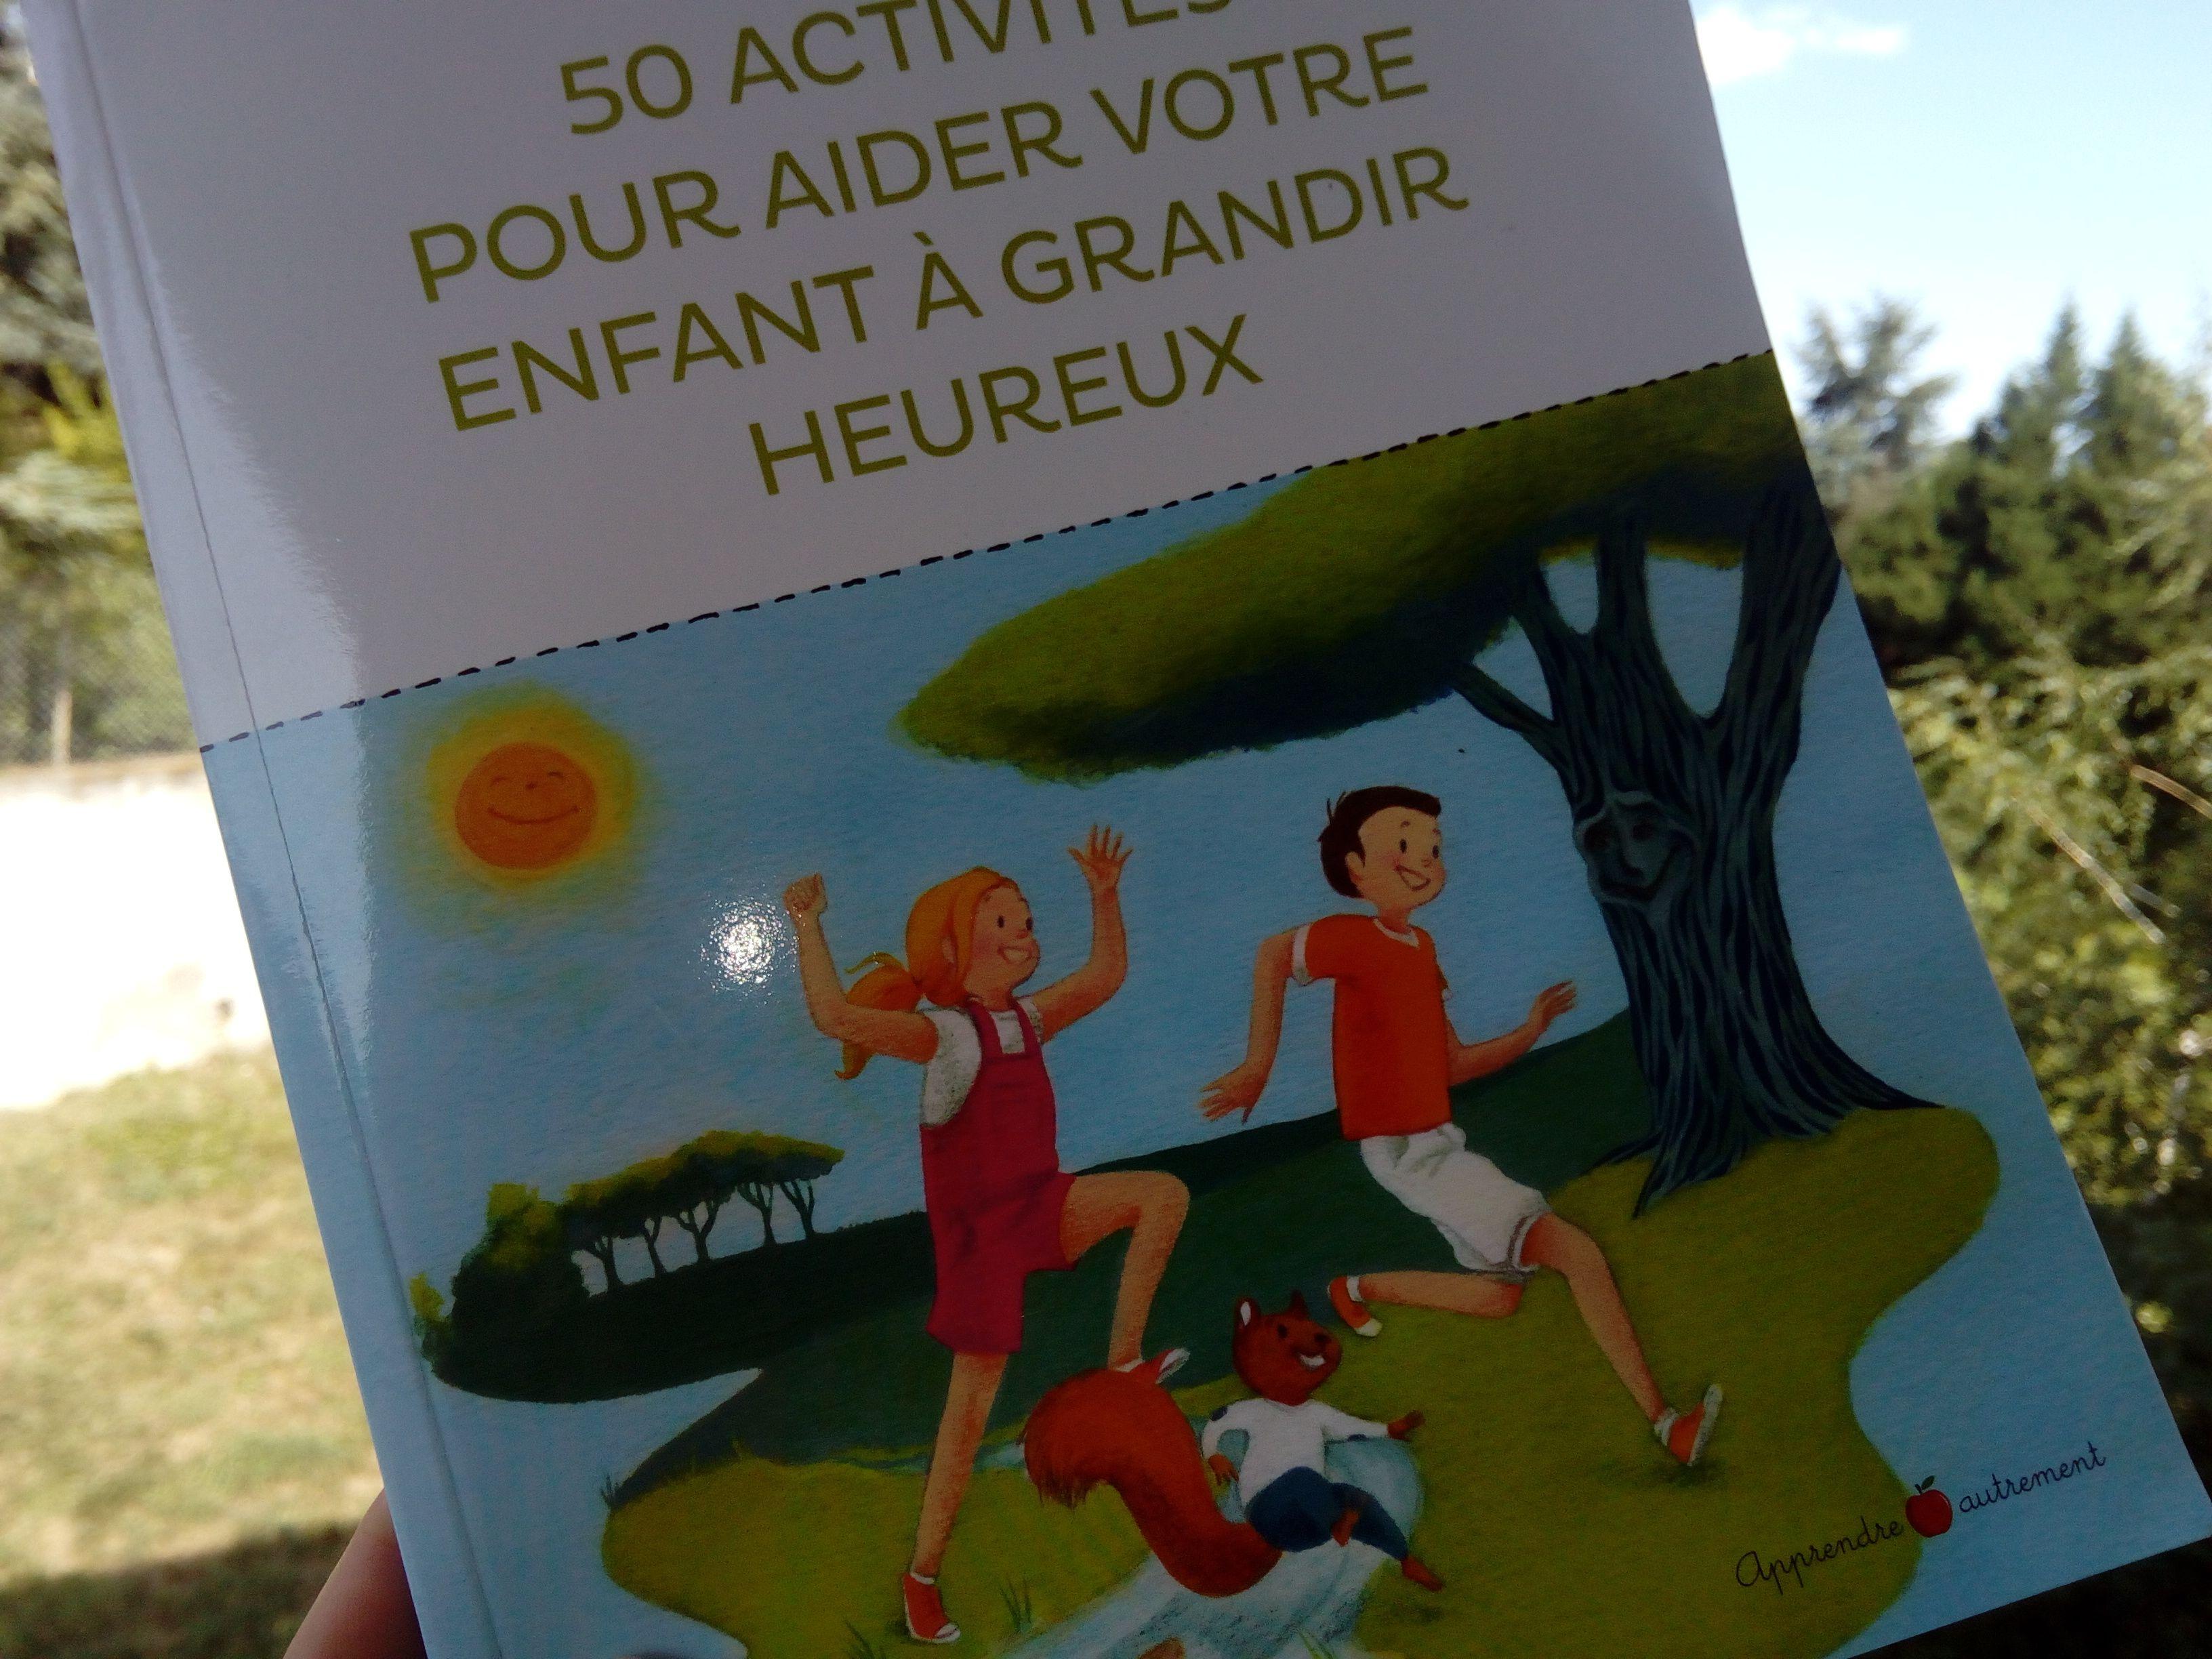 50 Activites Pour Aider Votre Enfant A Grandir Heureux Une Mine D Or Pour Cultiver La Joie Et Le Vivre Ensemble Enfant Heureux Grandir Enfant